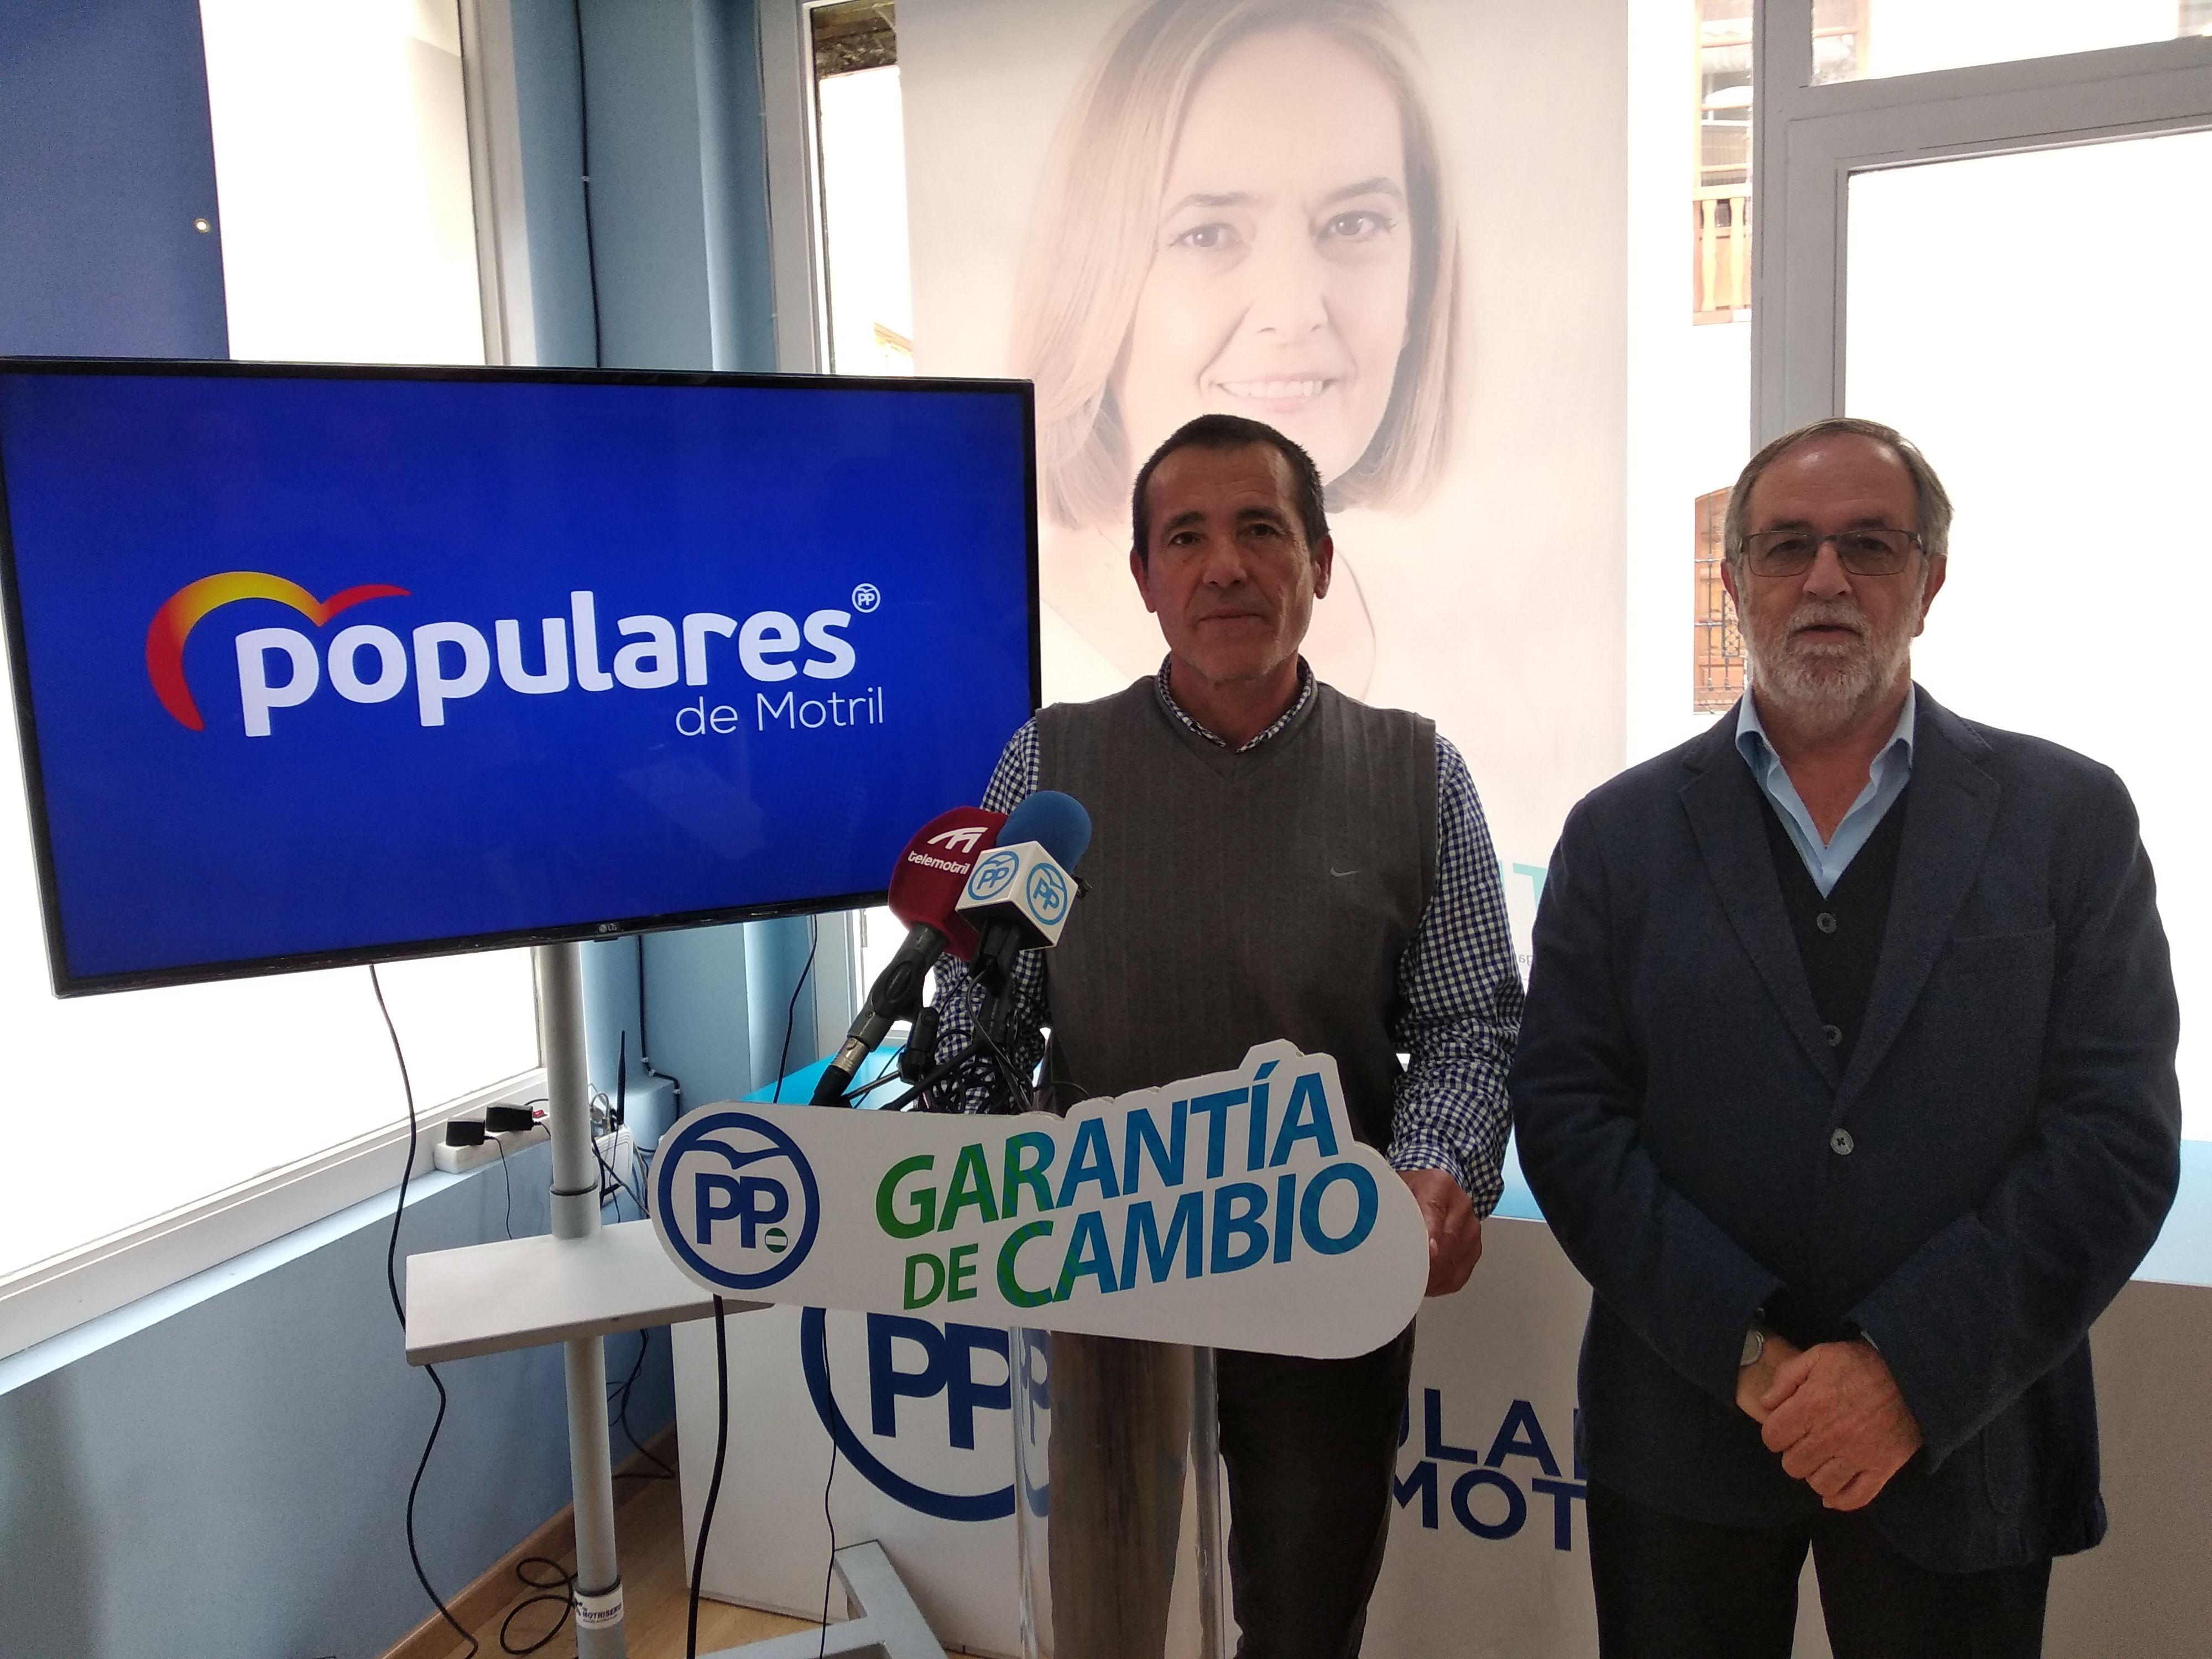 LORENZO ESTÉVEZ COMPARECE PARA HABLAR SEGURIDAD EN TORRENUEVA COSTA